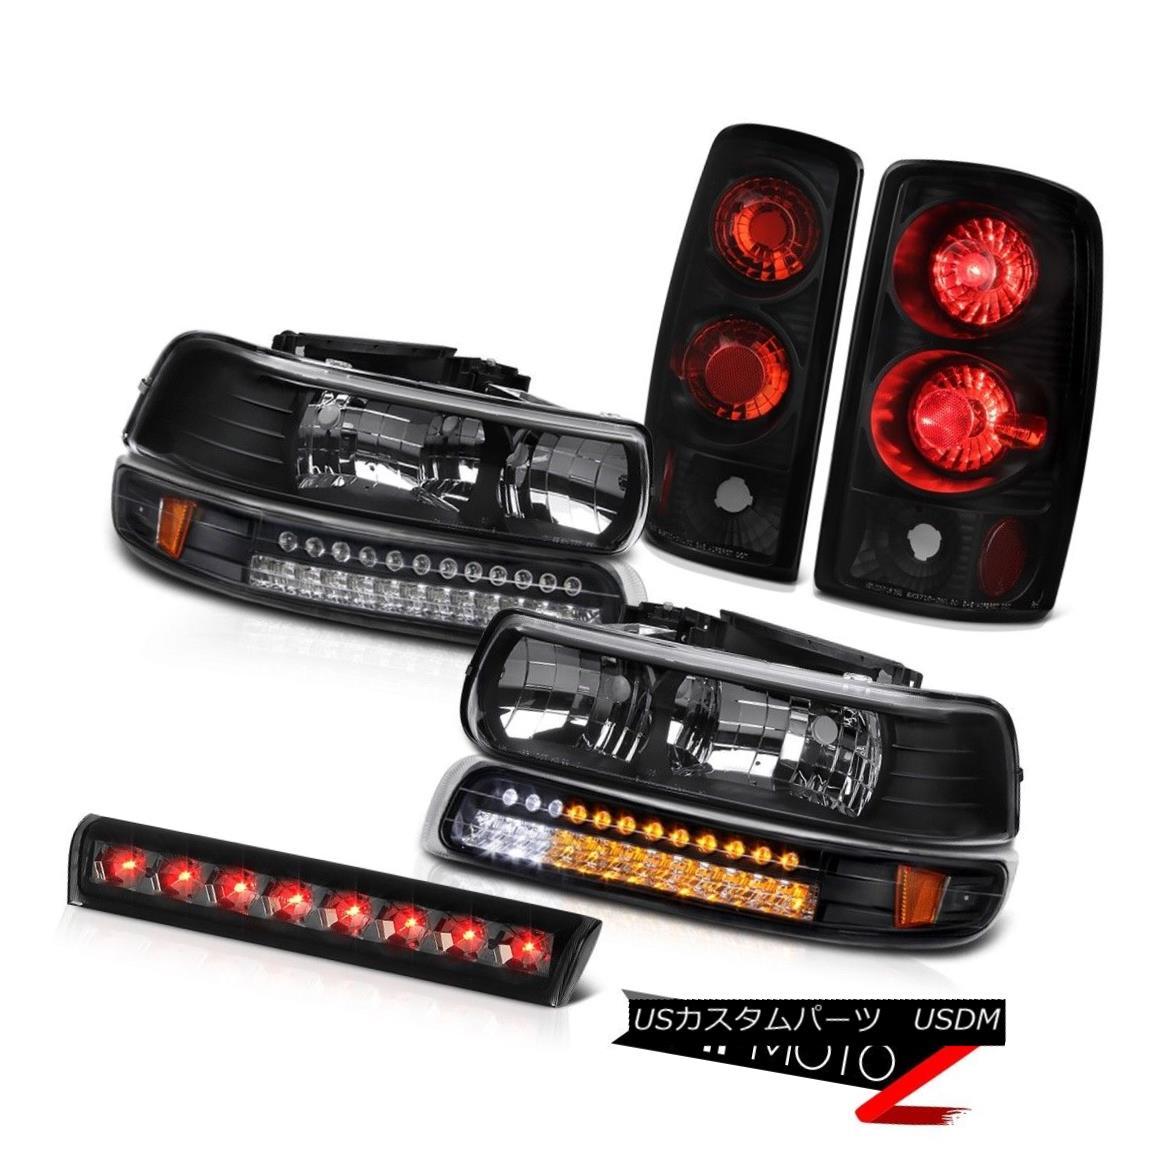 ヘッドライト 00-06 Chevy Suburban Inky Black Headlights LED Bumper Rear Taillamps Smoke Third 00-06シボレー郊外インキブラックヘッドライトLEDバンパーリアタイヤランプスモークスリー